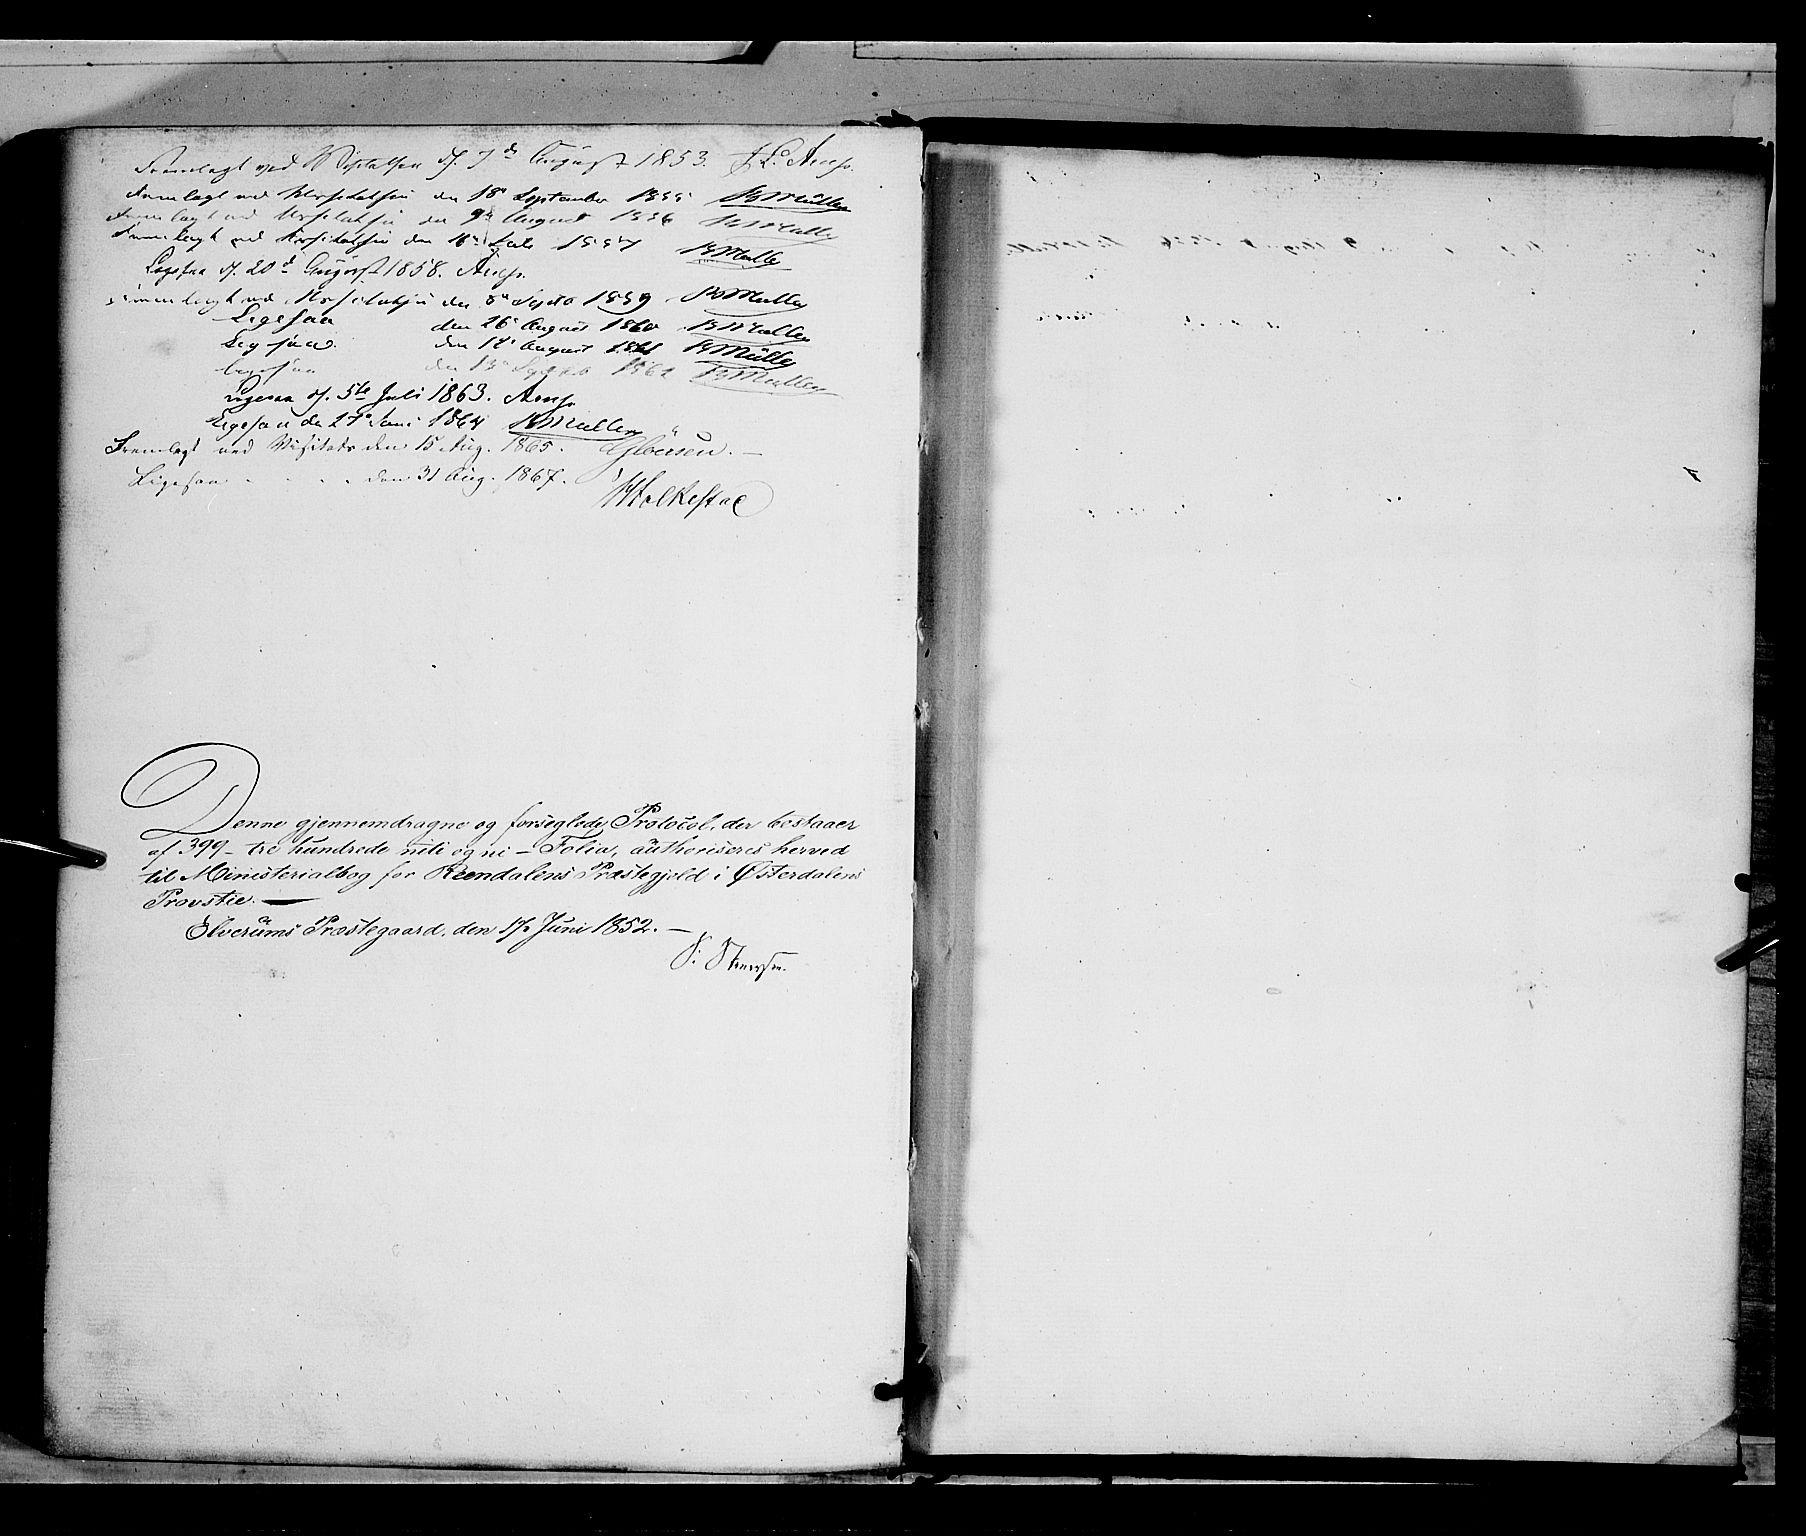 SAH, Rendalen prestekontor, H/Ha/Haa/L0005: Ministerialbok nr. 5, 1853-1866